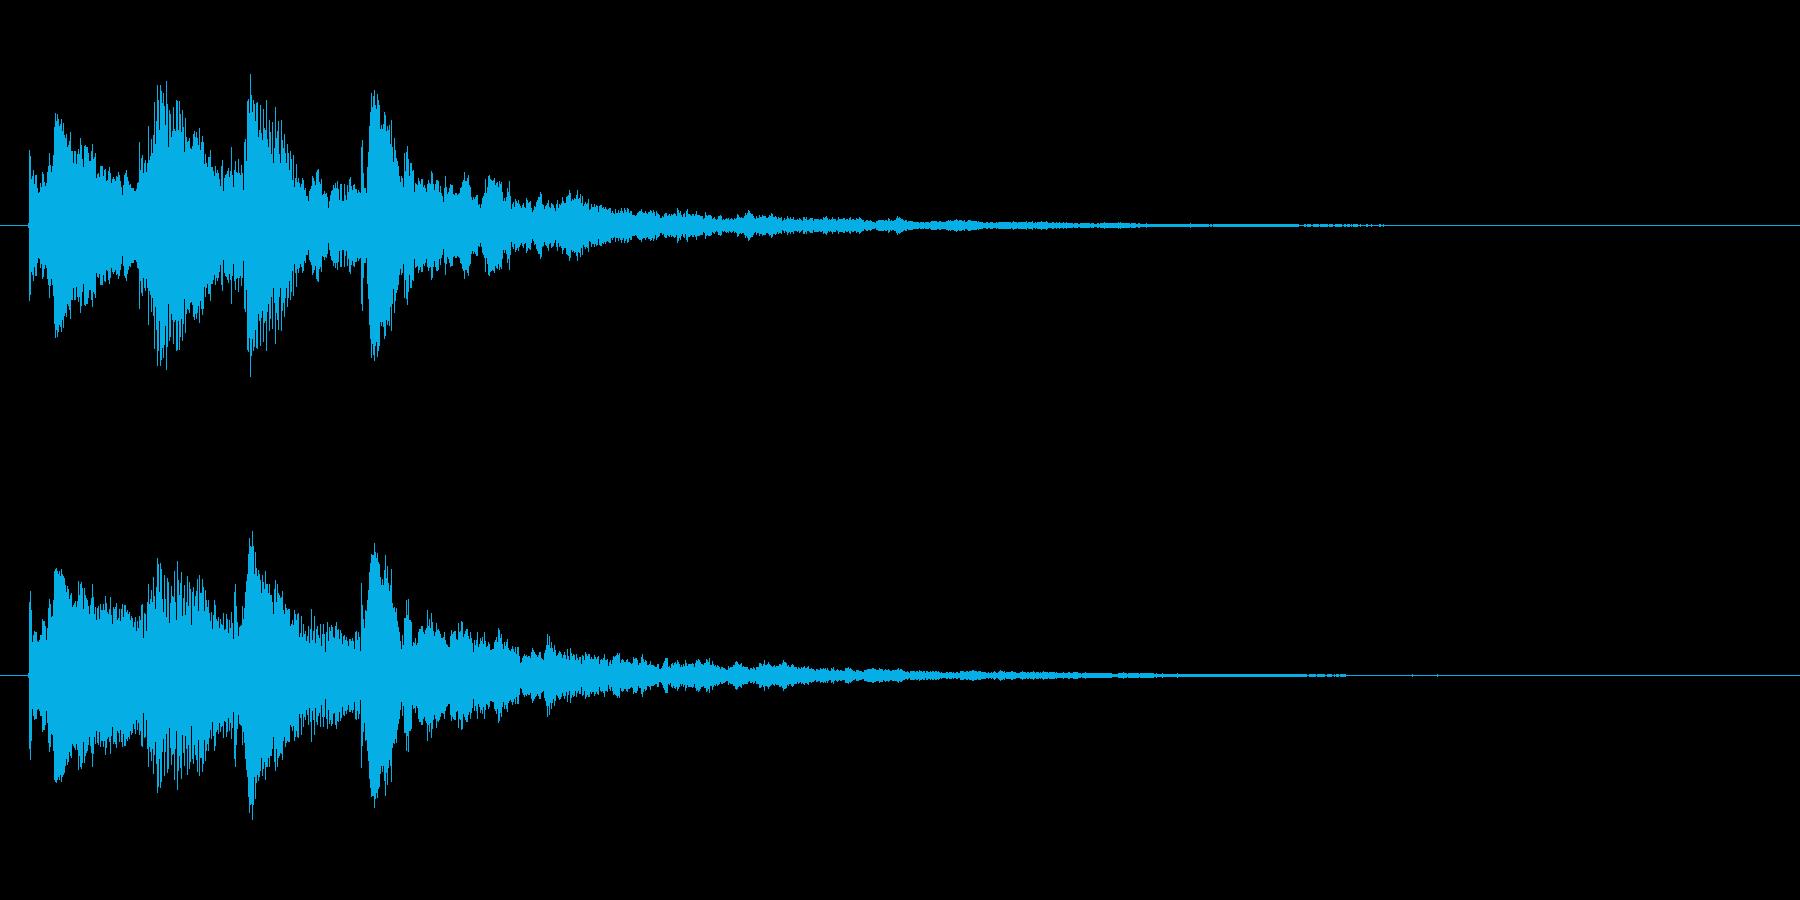 サウンドロゴ(企業ロゴ)_005の再生済みの波形